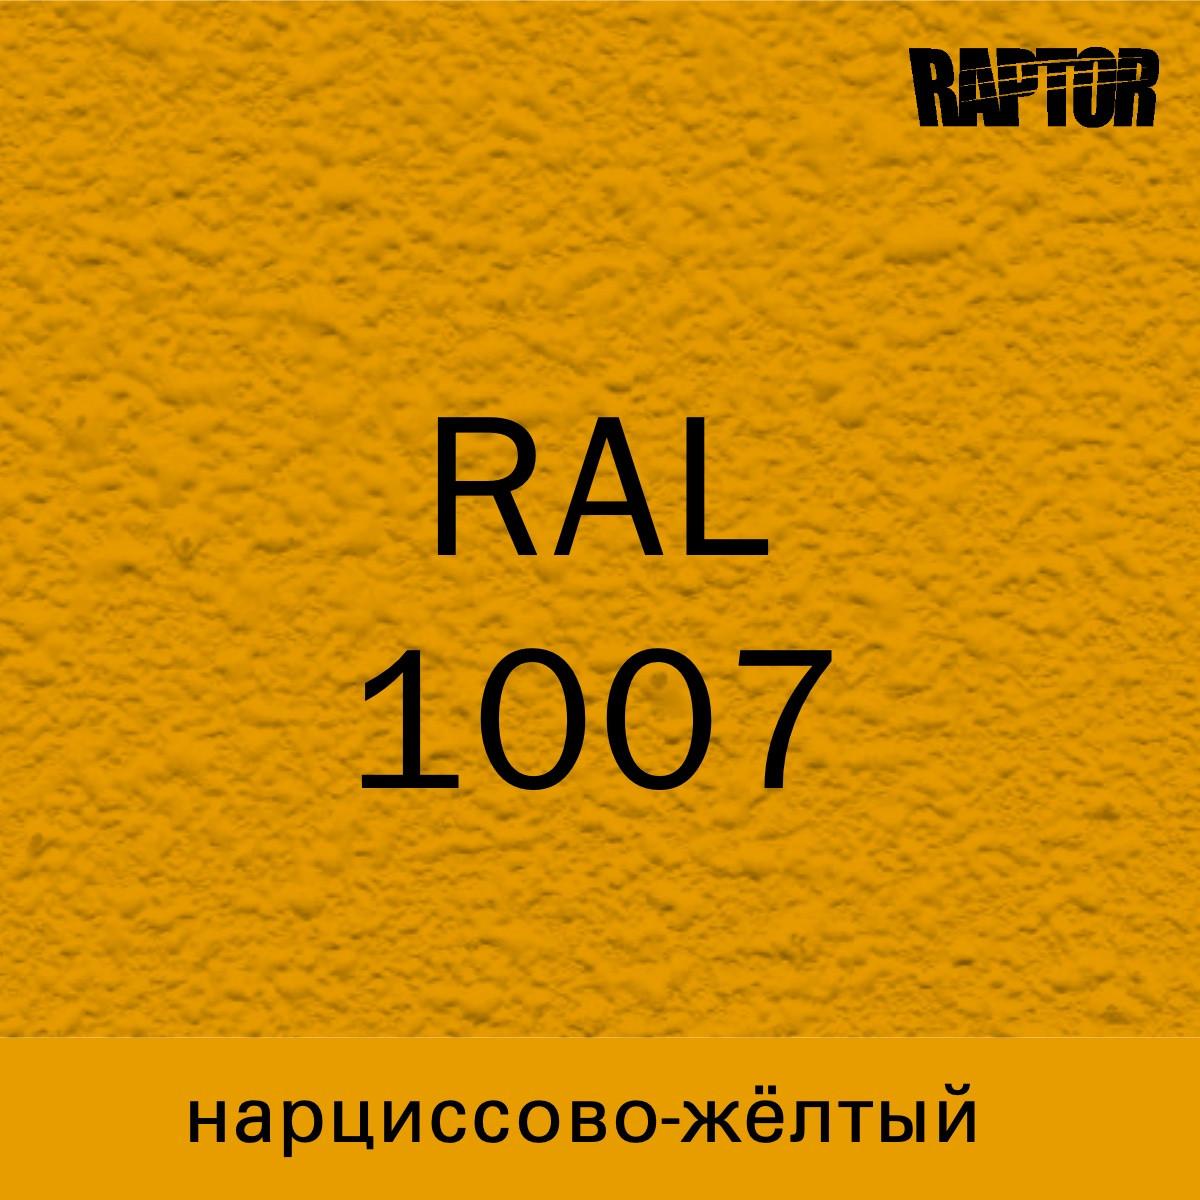 Пигмент для колеровки покрытия RAPTOR™ Нарциссово-жёлтый (RAL 1007)